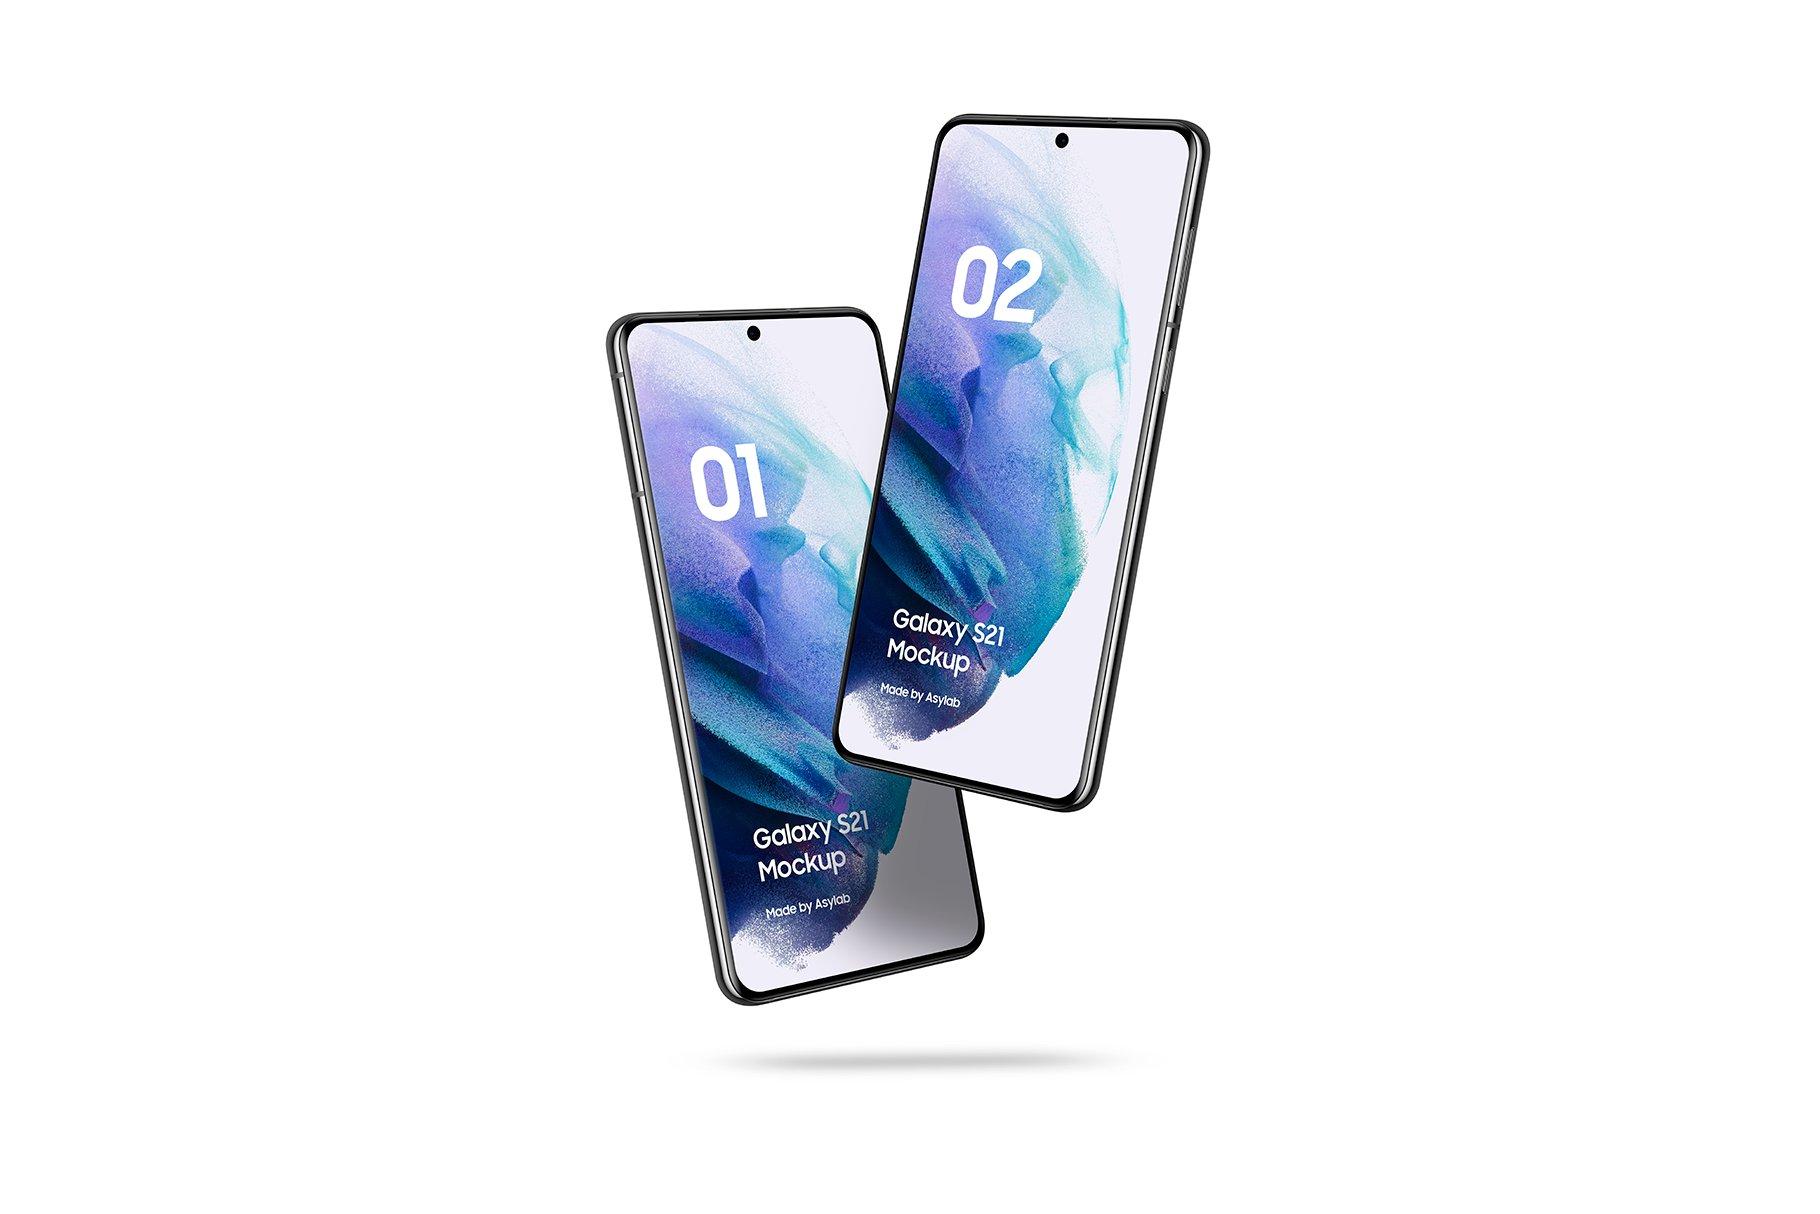 [单独购买] 20款三星Galaxy S21手机网站APP界面设计演示样机模板套件 Galaxy S21 – 20 Mockups Scenes插图25